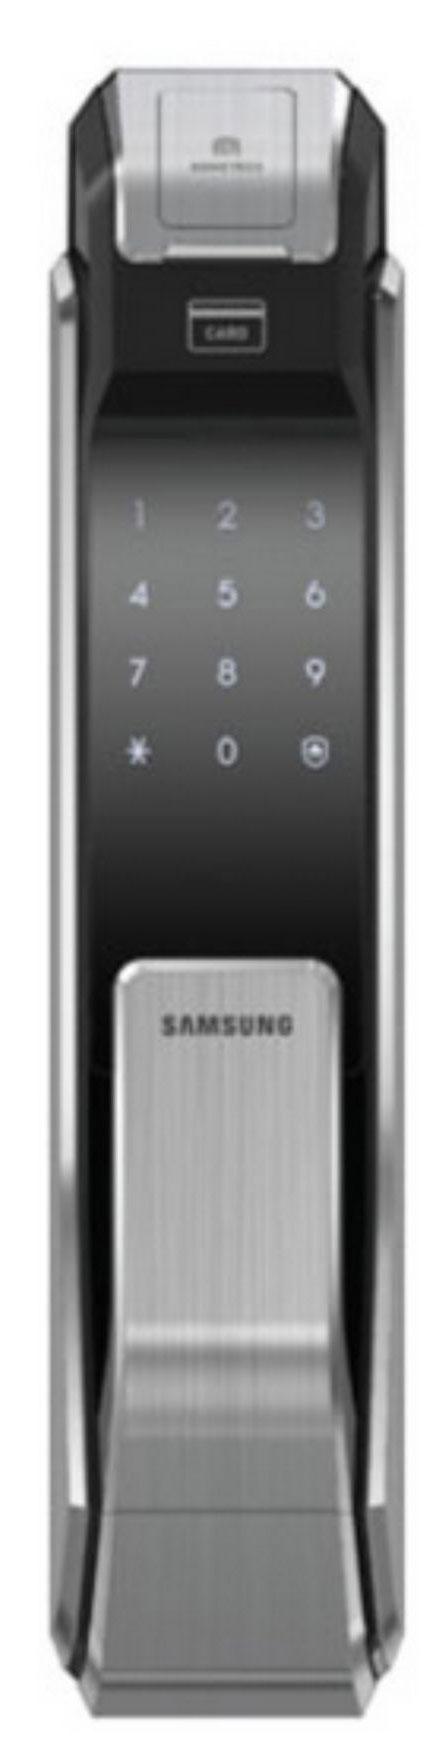 Samsung SHS-P718 XBK/EN - биометрический дверной замок с ручкой (Black)